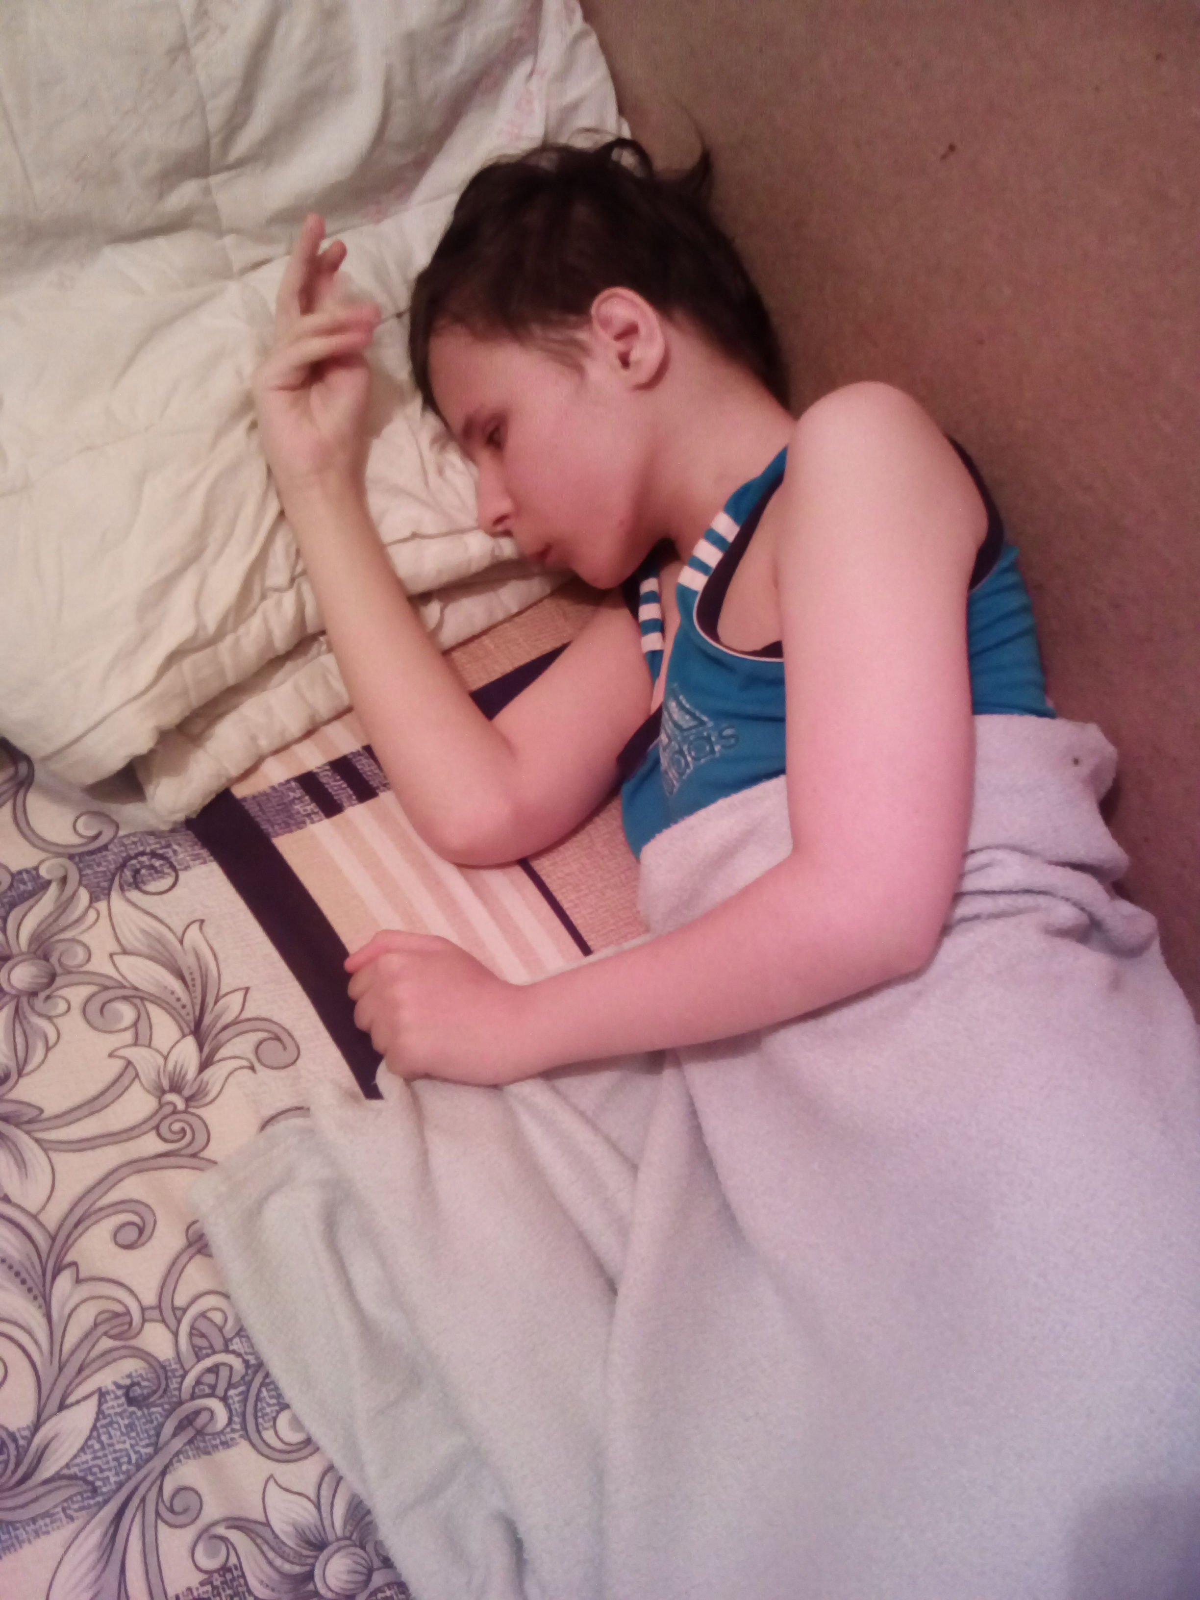 Доченька Аня инвалид детства строждения